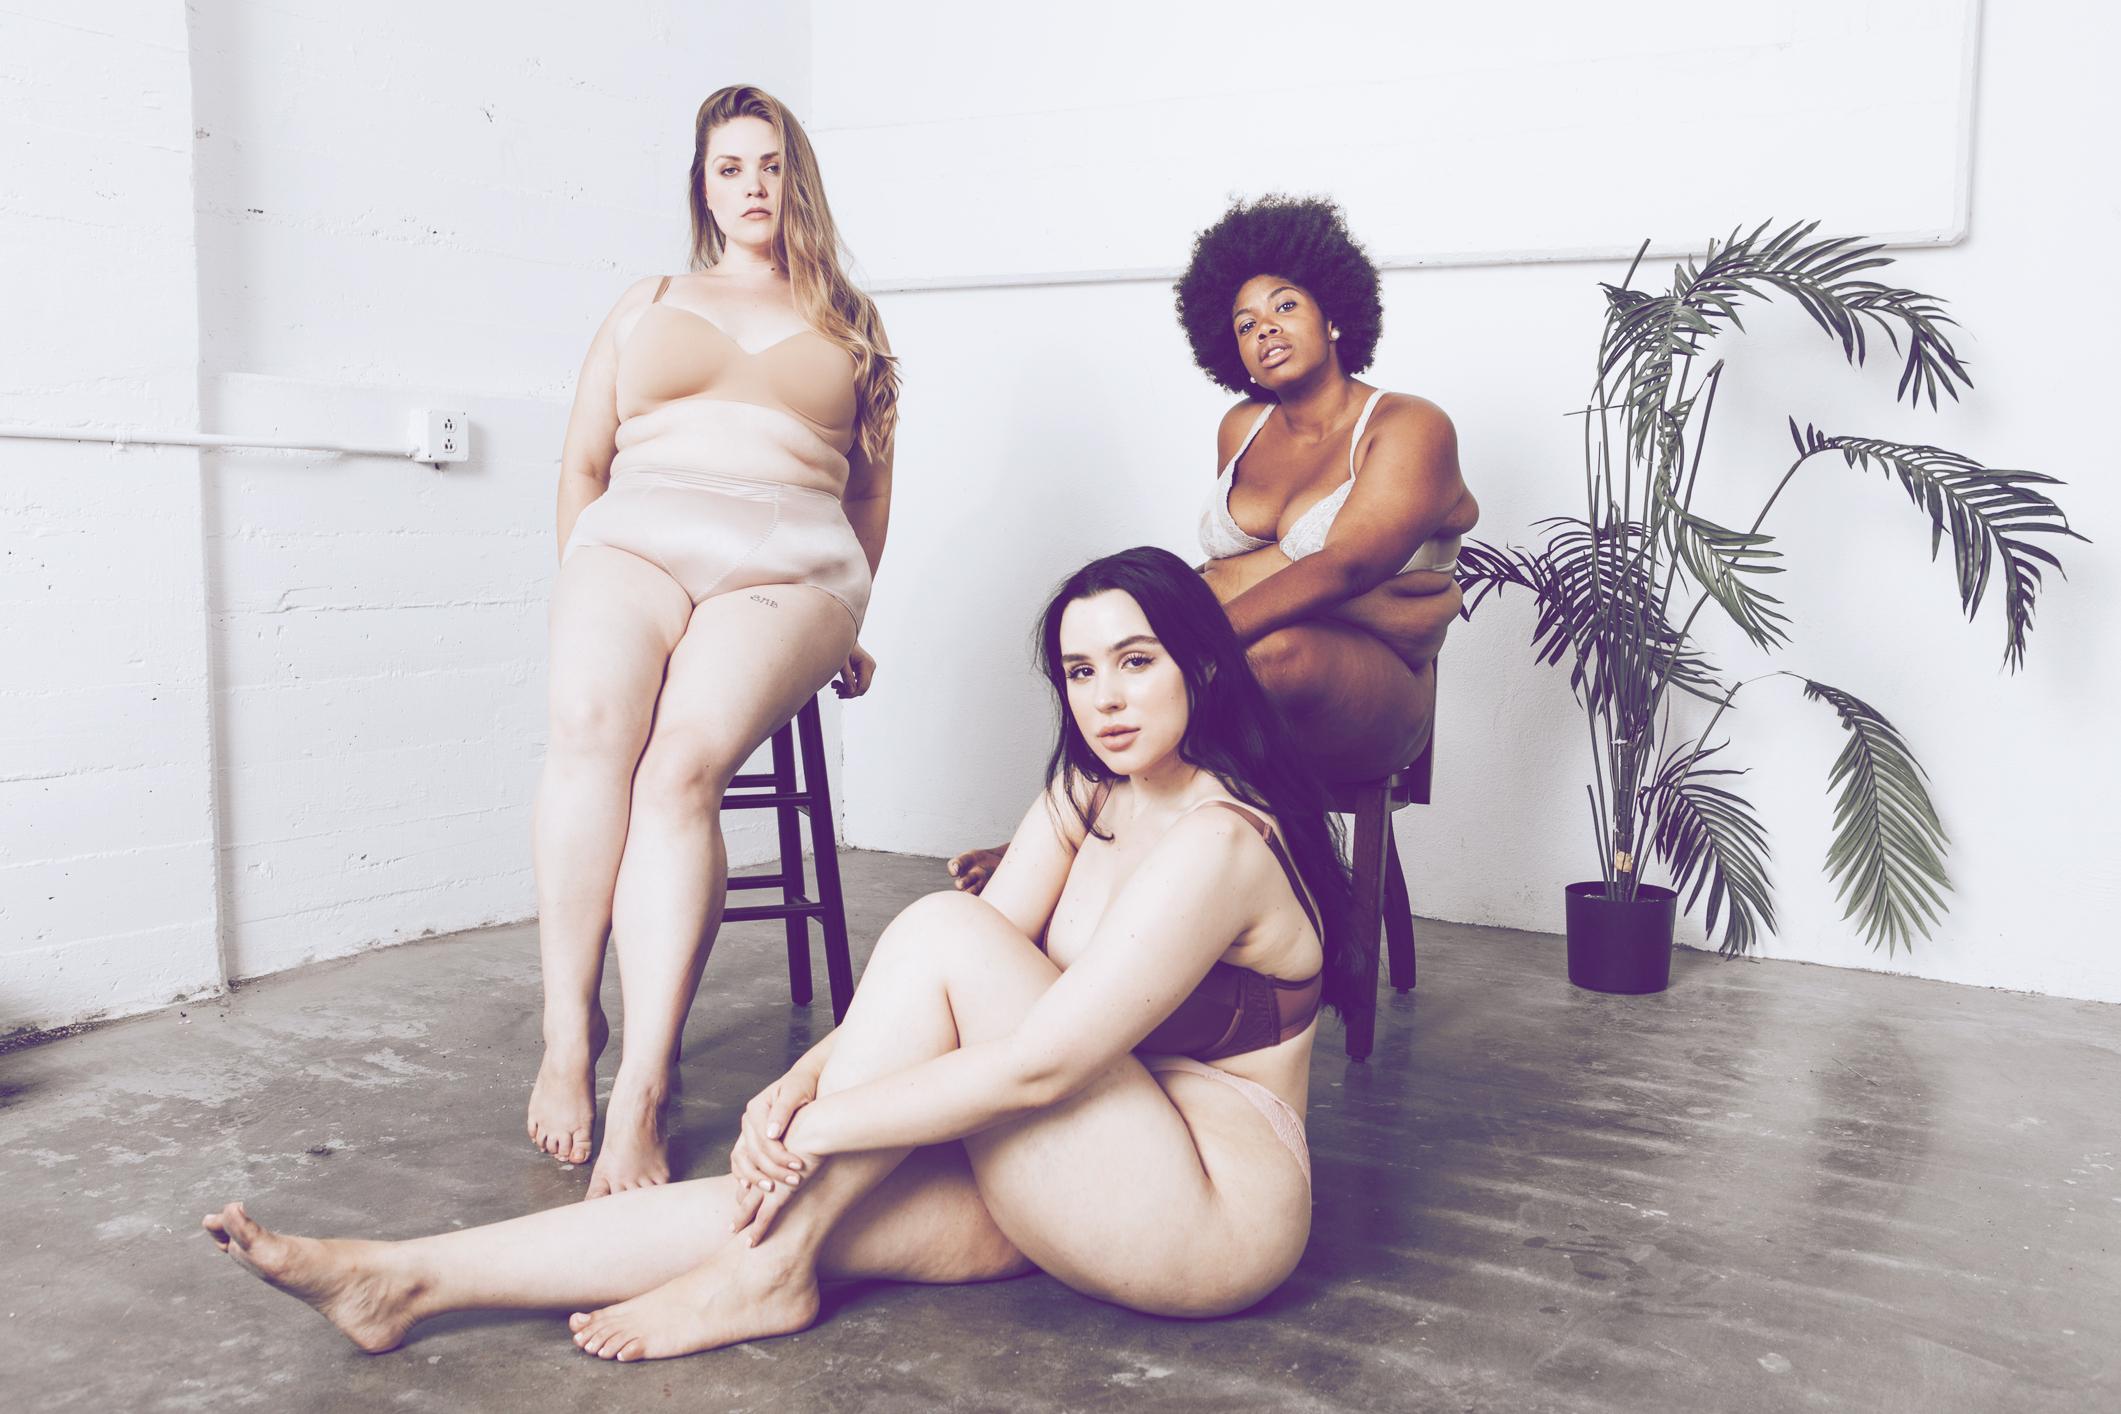 Schluss mit Perfektion: Bloggerin setzt Zeichen & zeigt ihren echten Körper | desired.de